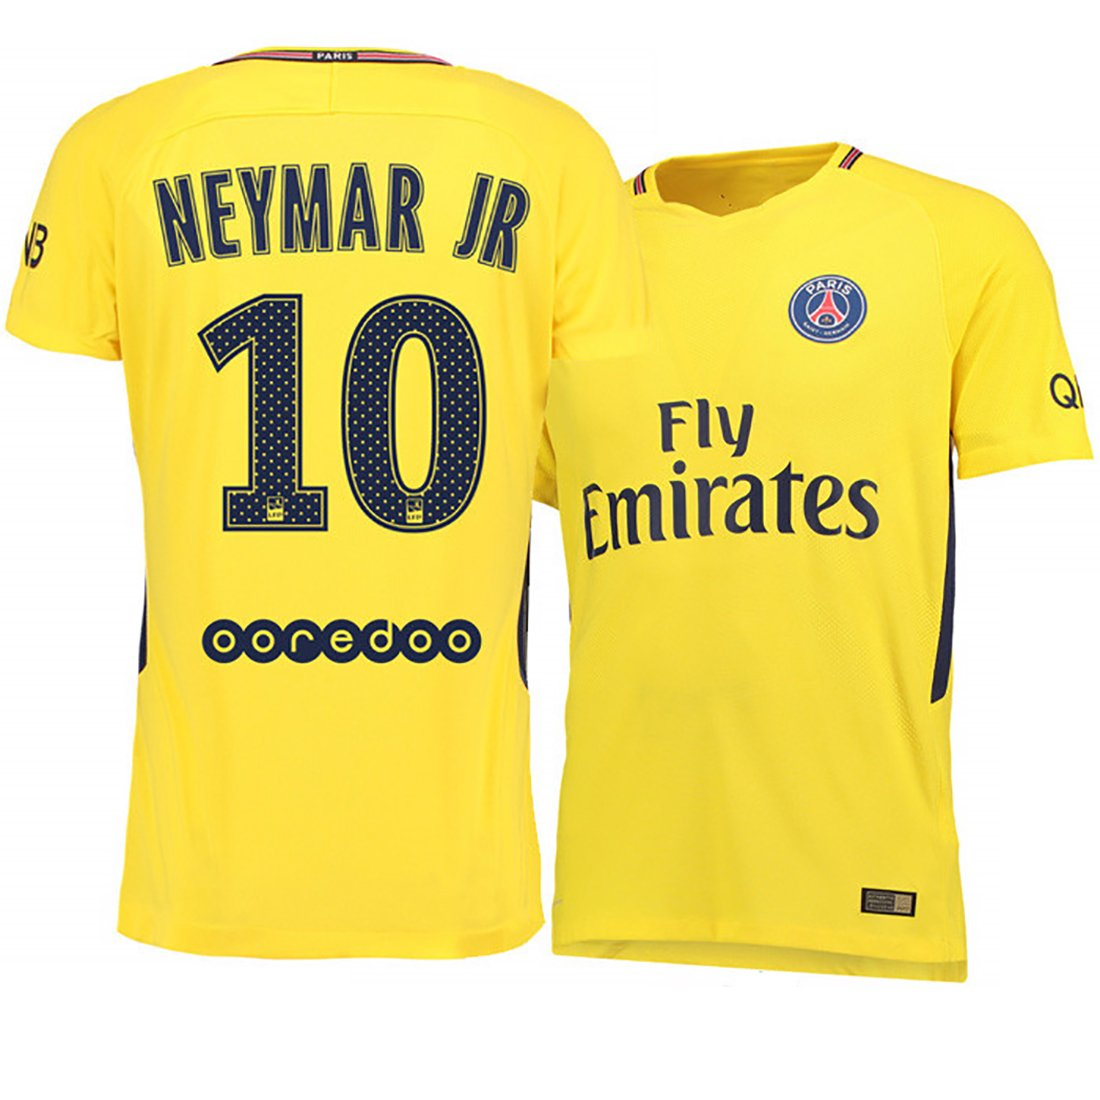 mechs sports Paris Saint-Germain 17-18 Camiseta de fútbol ausente - Neymar Jr 10: Amazon.es: Deportes y aire libre